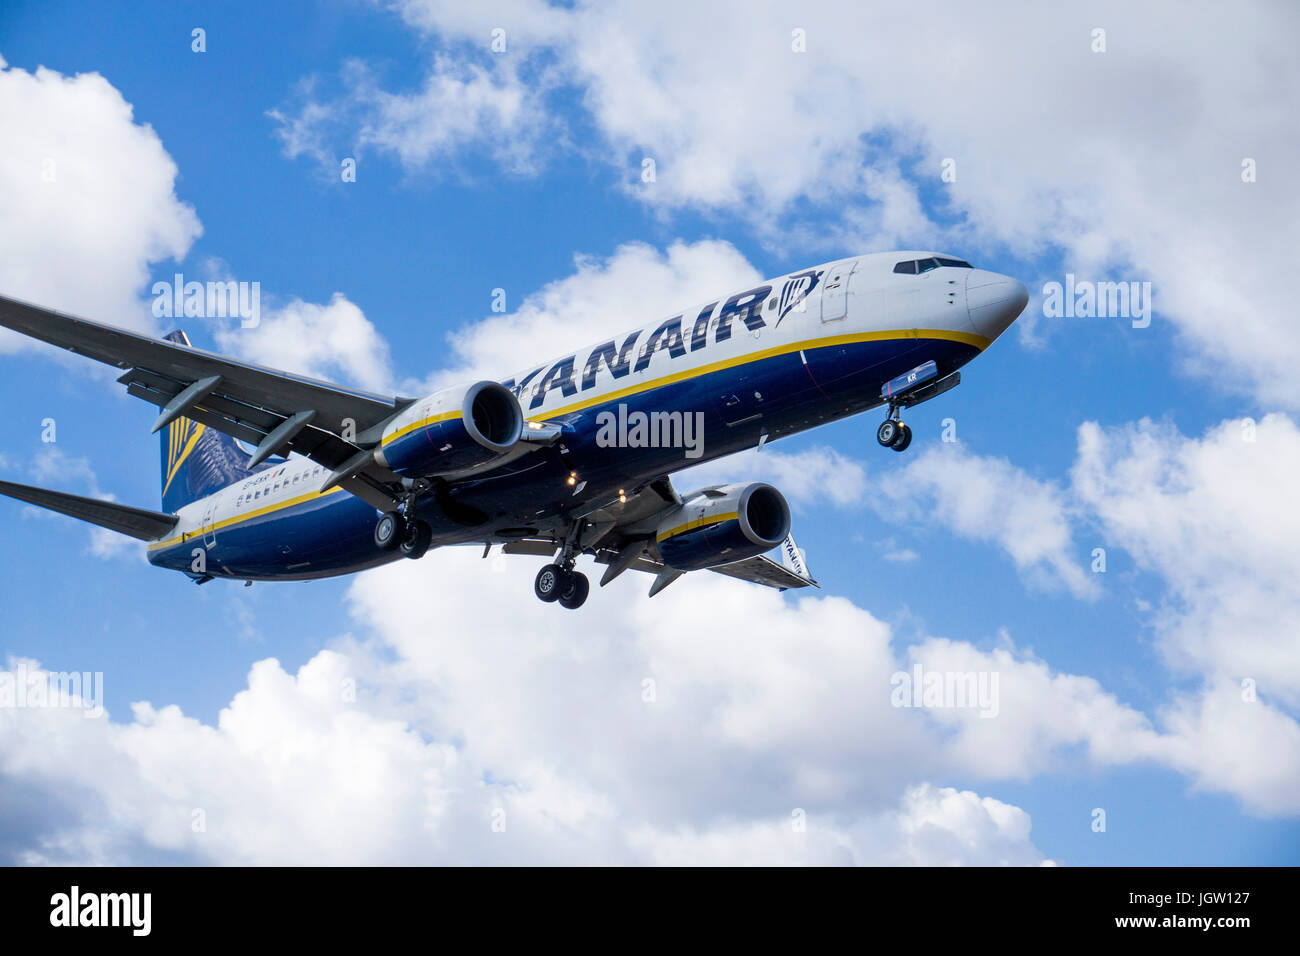 Ryanair beim Landeanflug auf den Flughafen Lanzarote, Ryanair Landung am Flughafen, Lanzarote, Kanarische Inseln, Stockbild